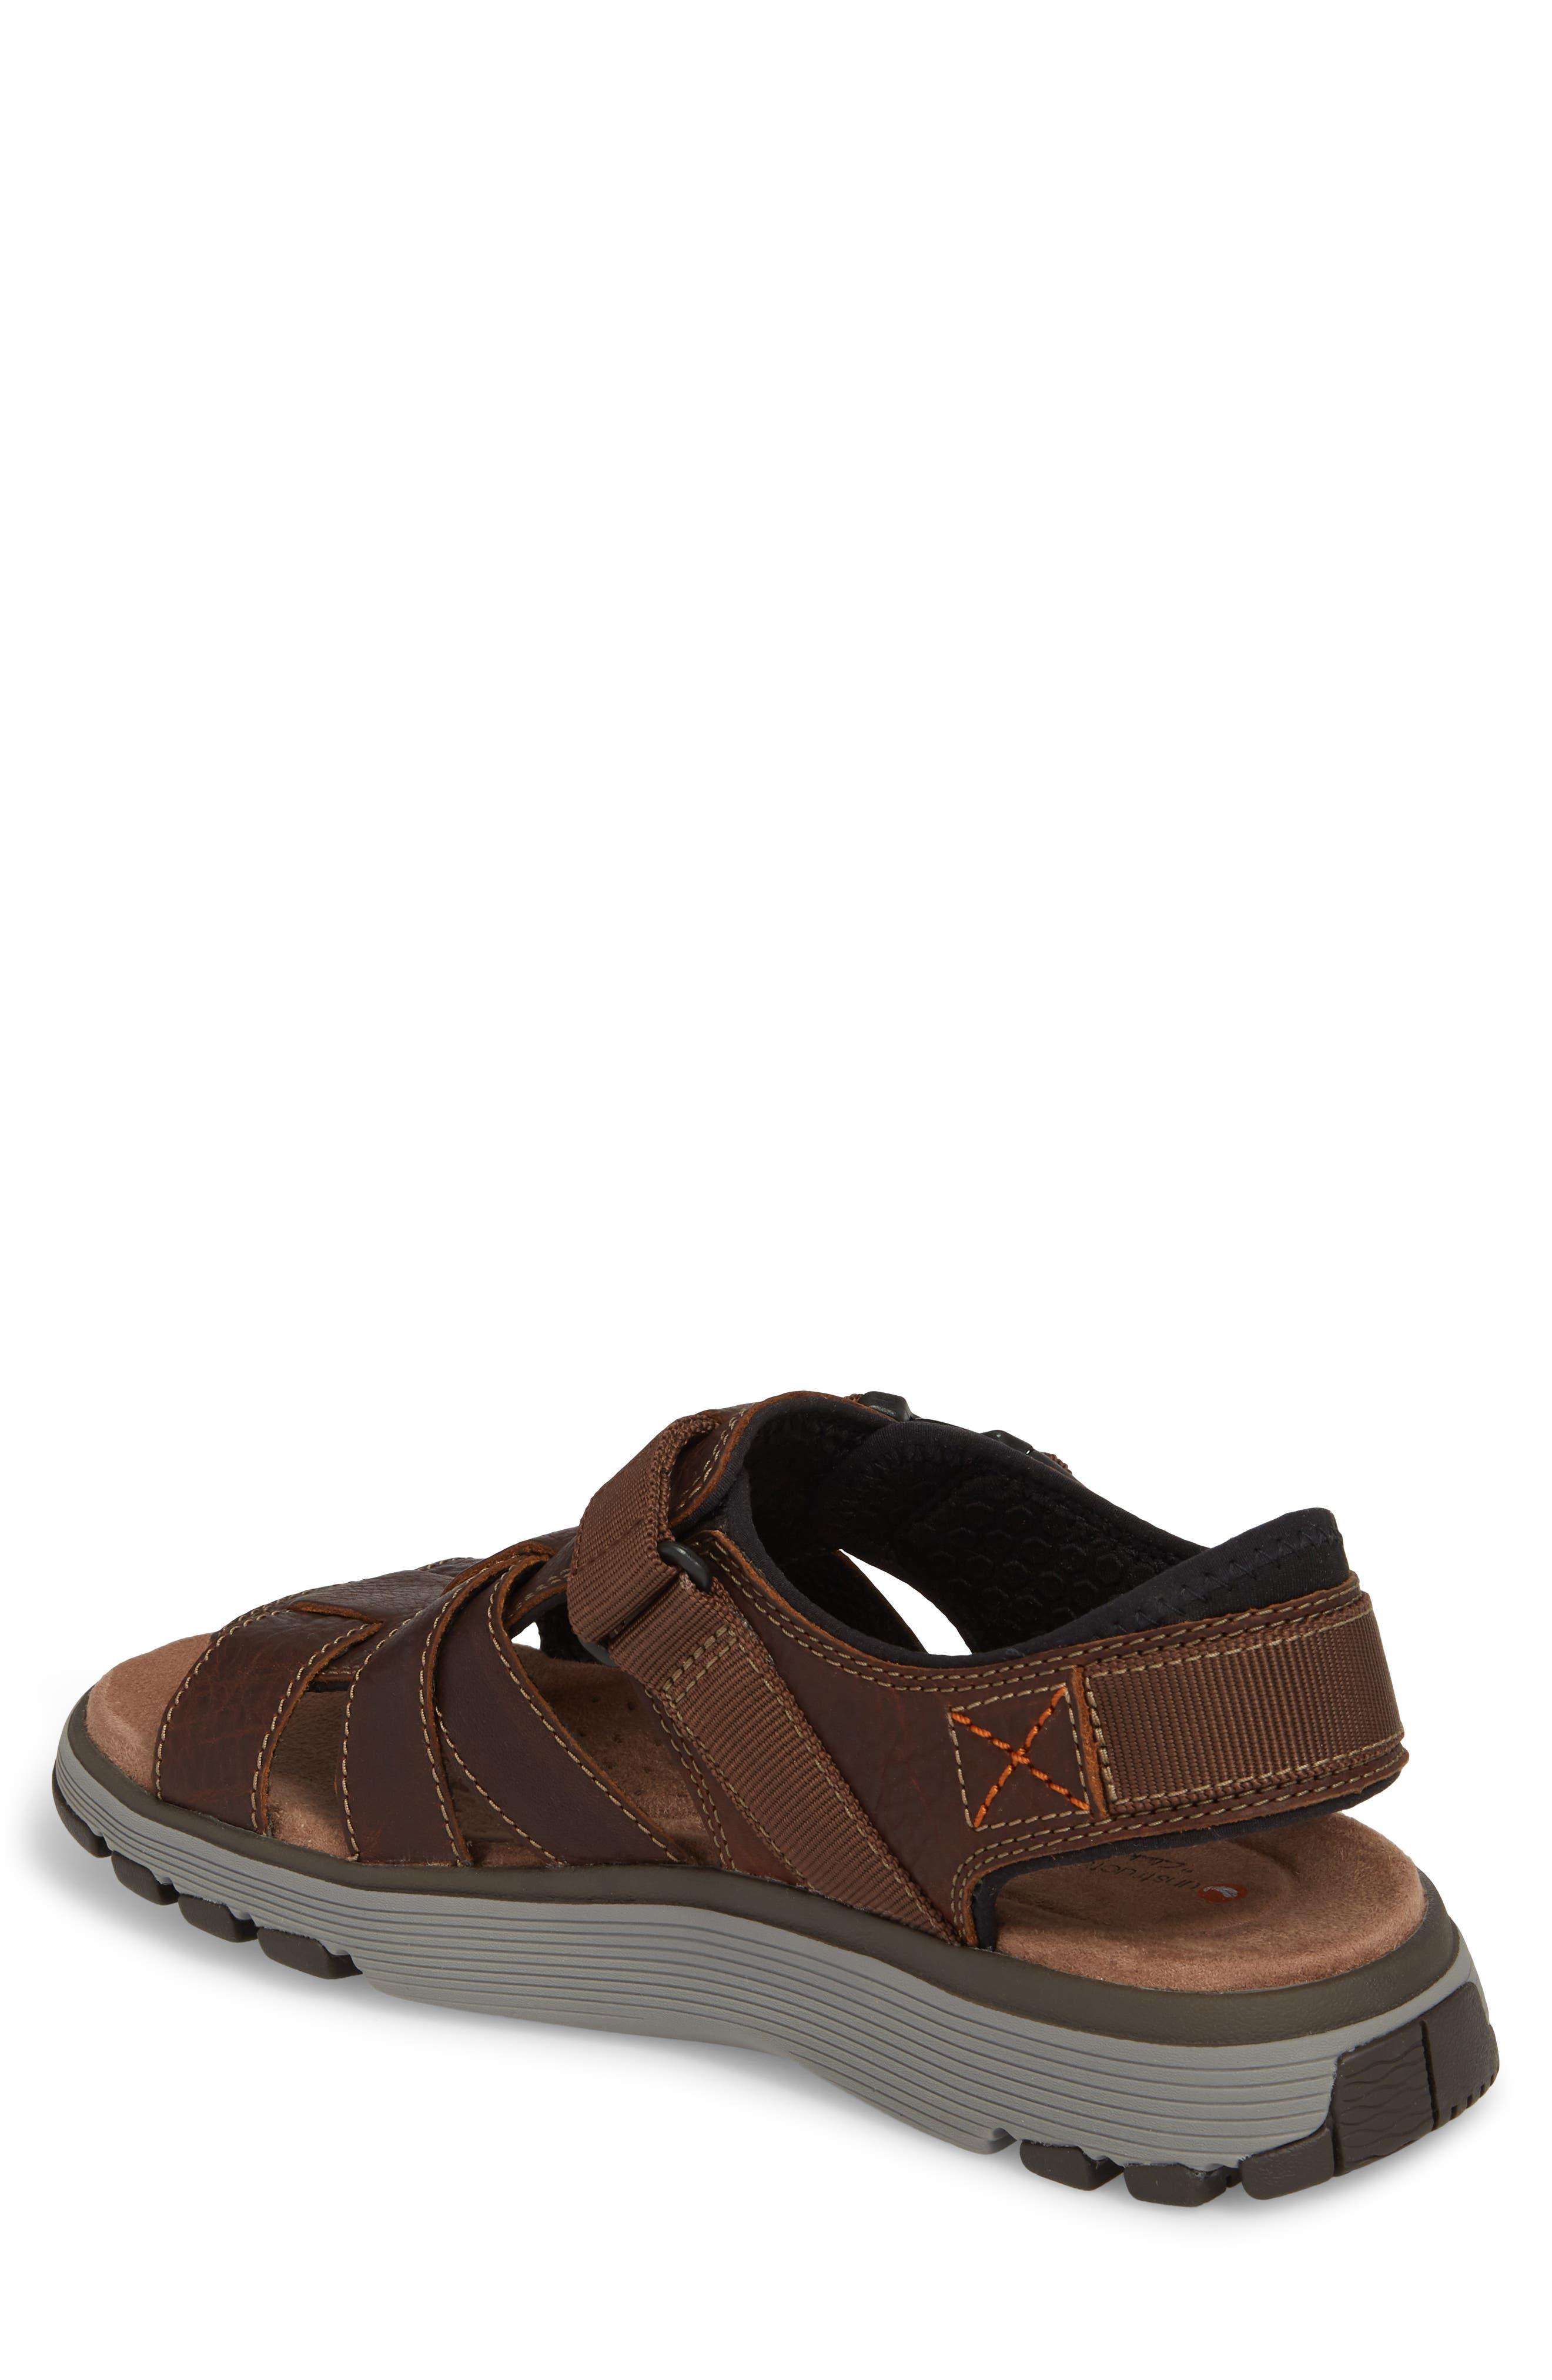 Clarks<sup>®</sup> Untrek Cove Fisherman Sandal,                             Alternate thumbnail 2, color,                             Dark Tan Leather